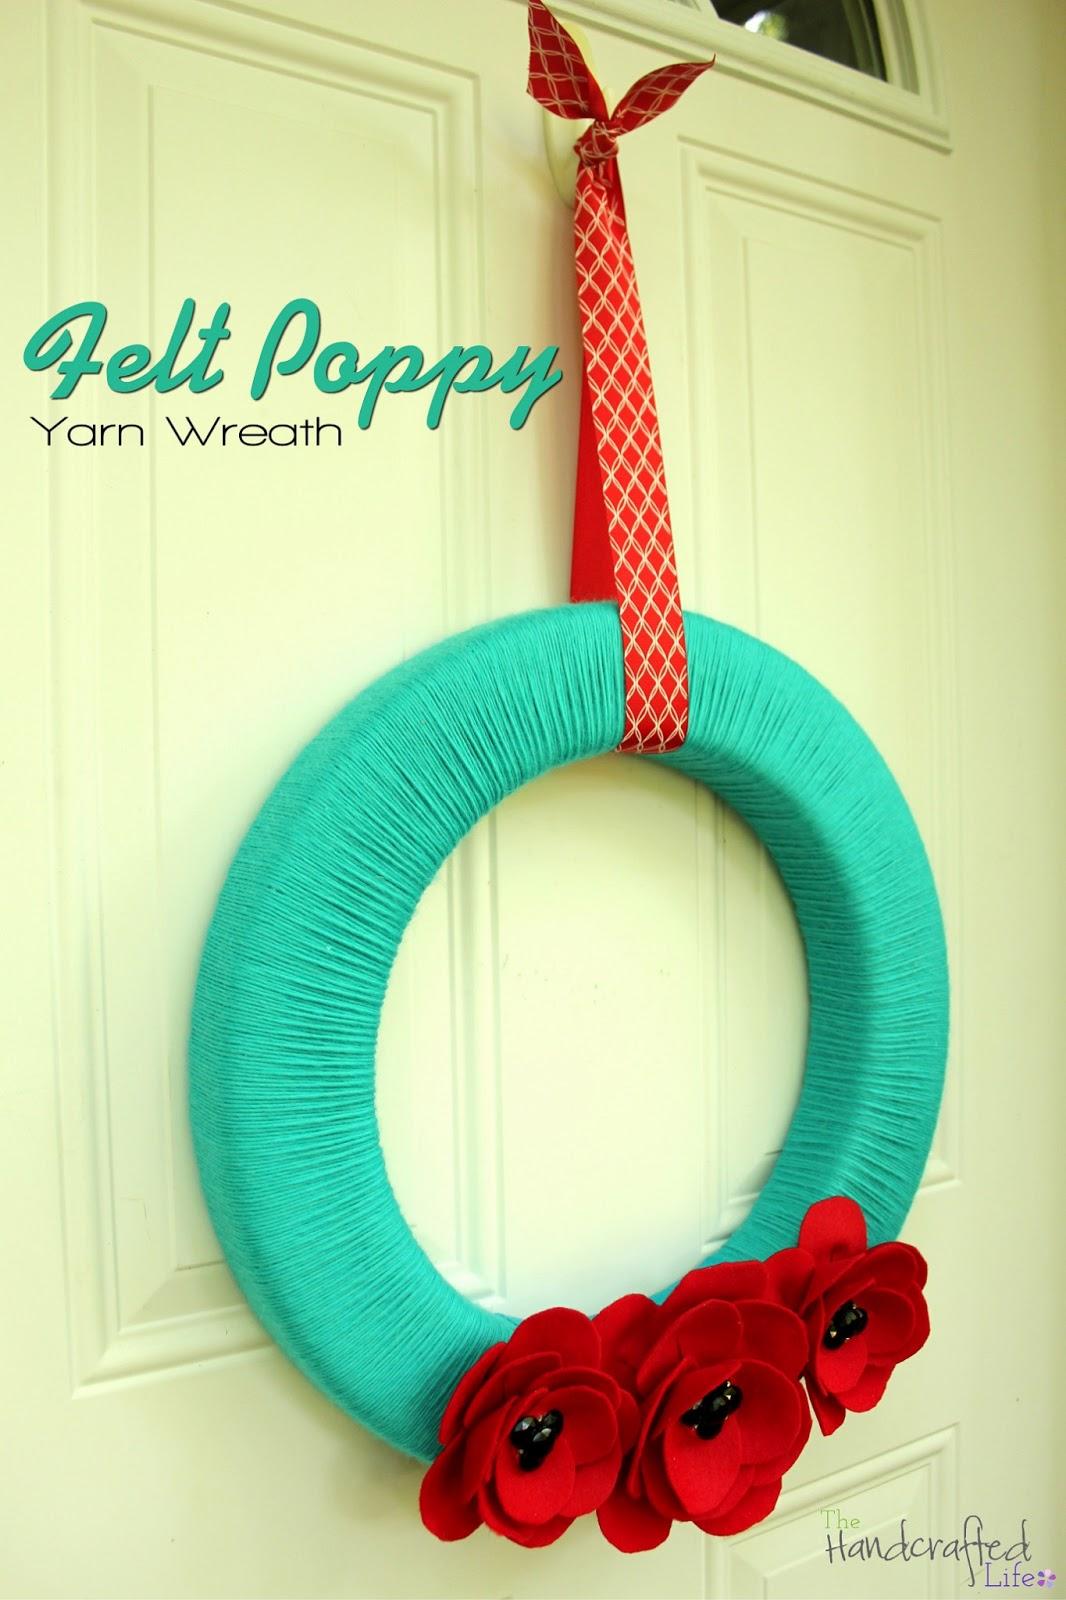 The Handcrafted Life*: Summery Felt Poppy Yarn Wreath